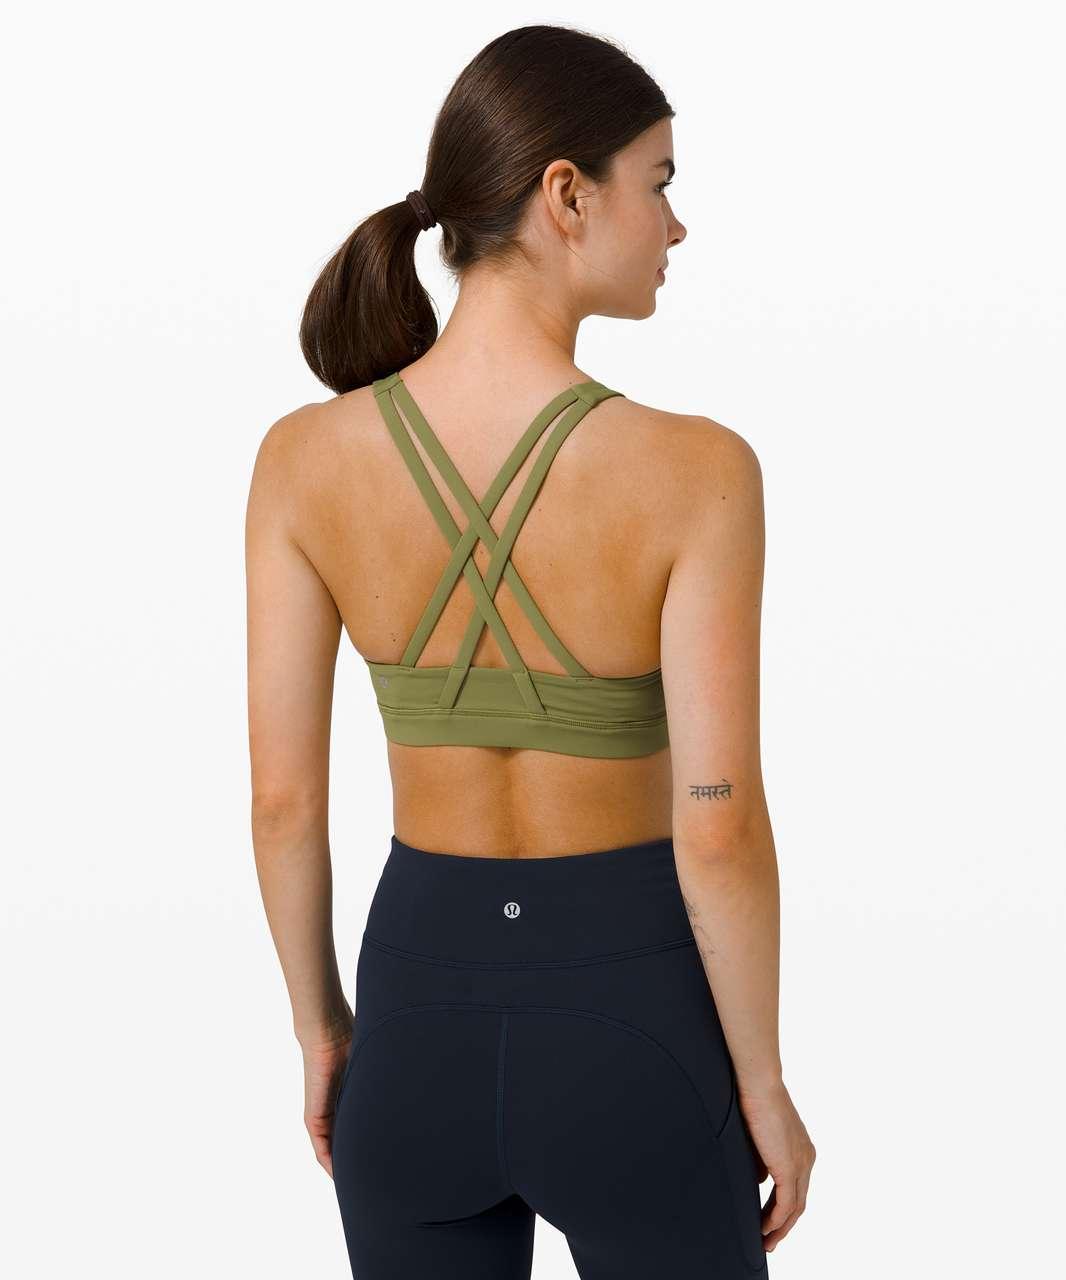 Lululemon Energy Bra High Neck *Medium Support, B–D Cup - Bronze Green